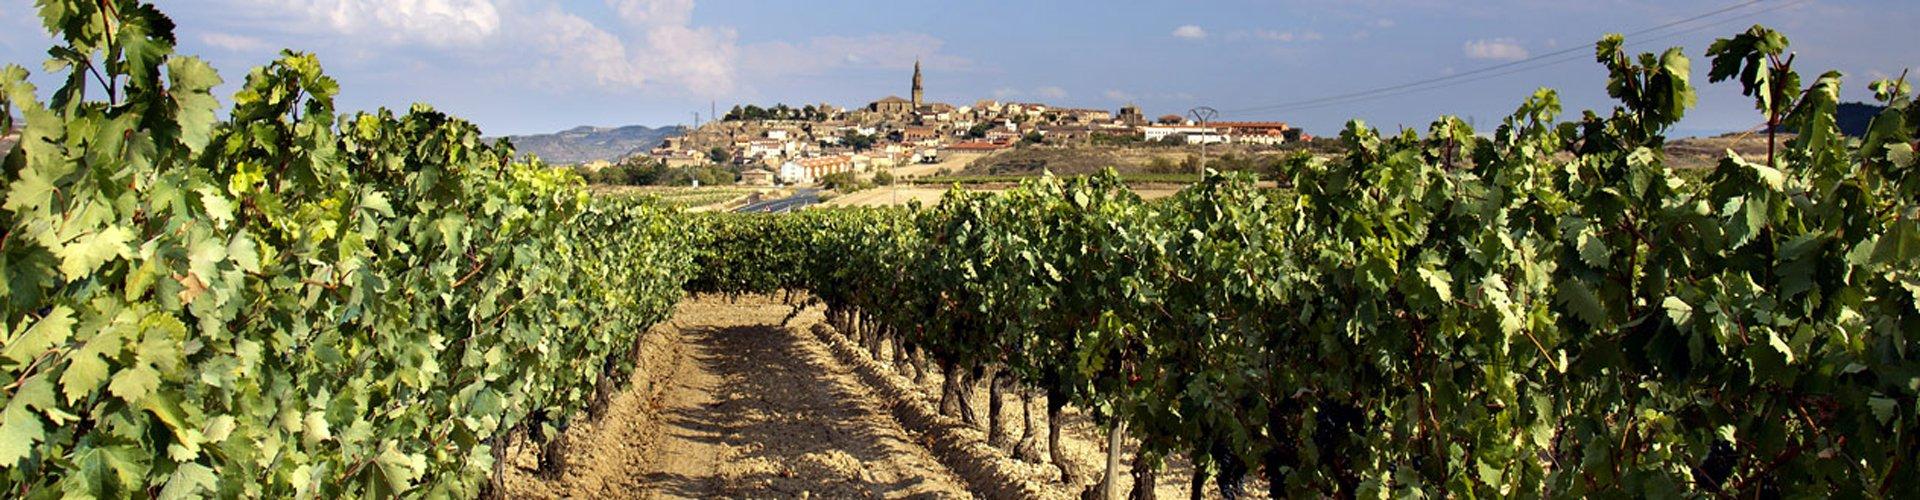 Spanje - Rioja